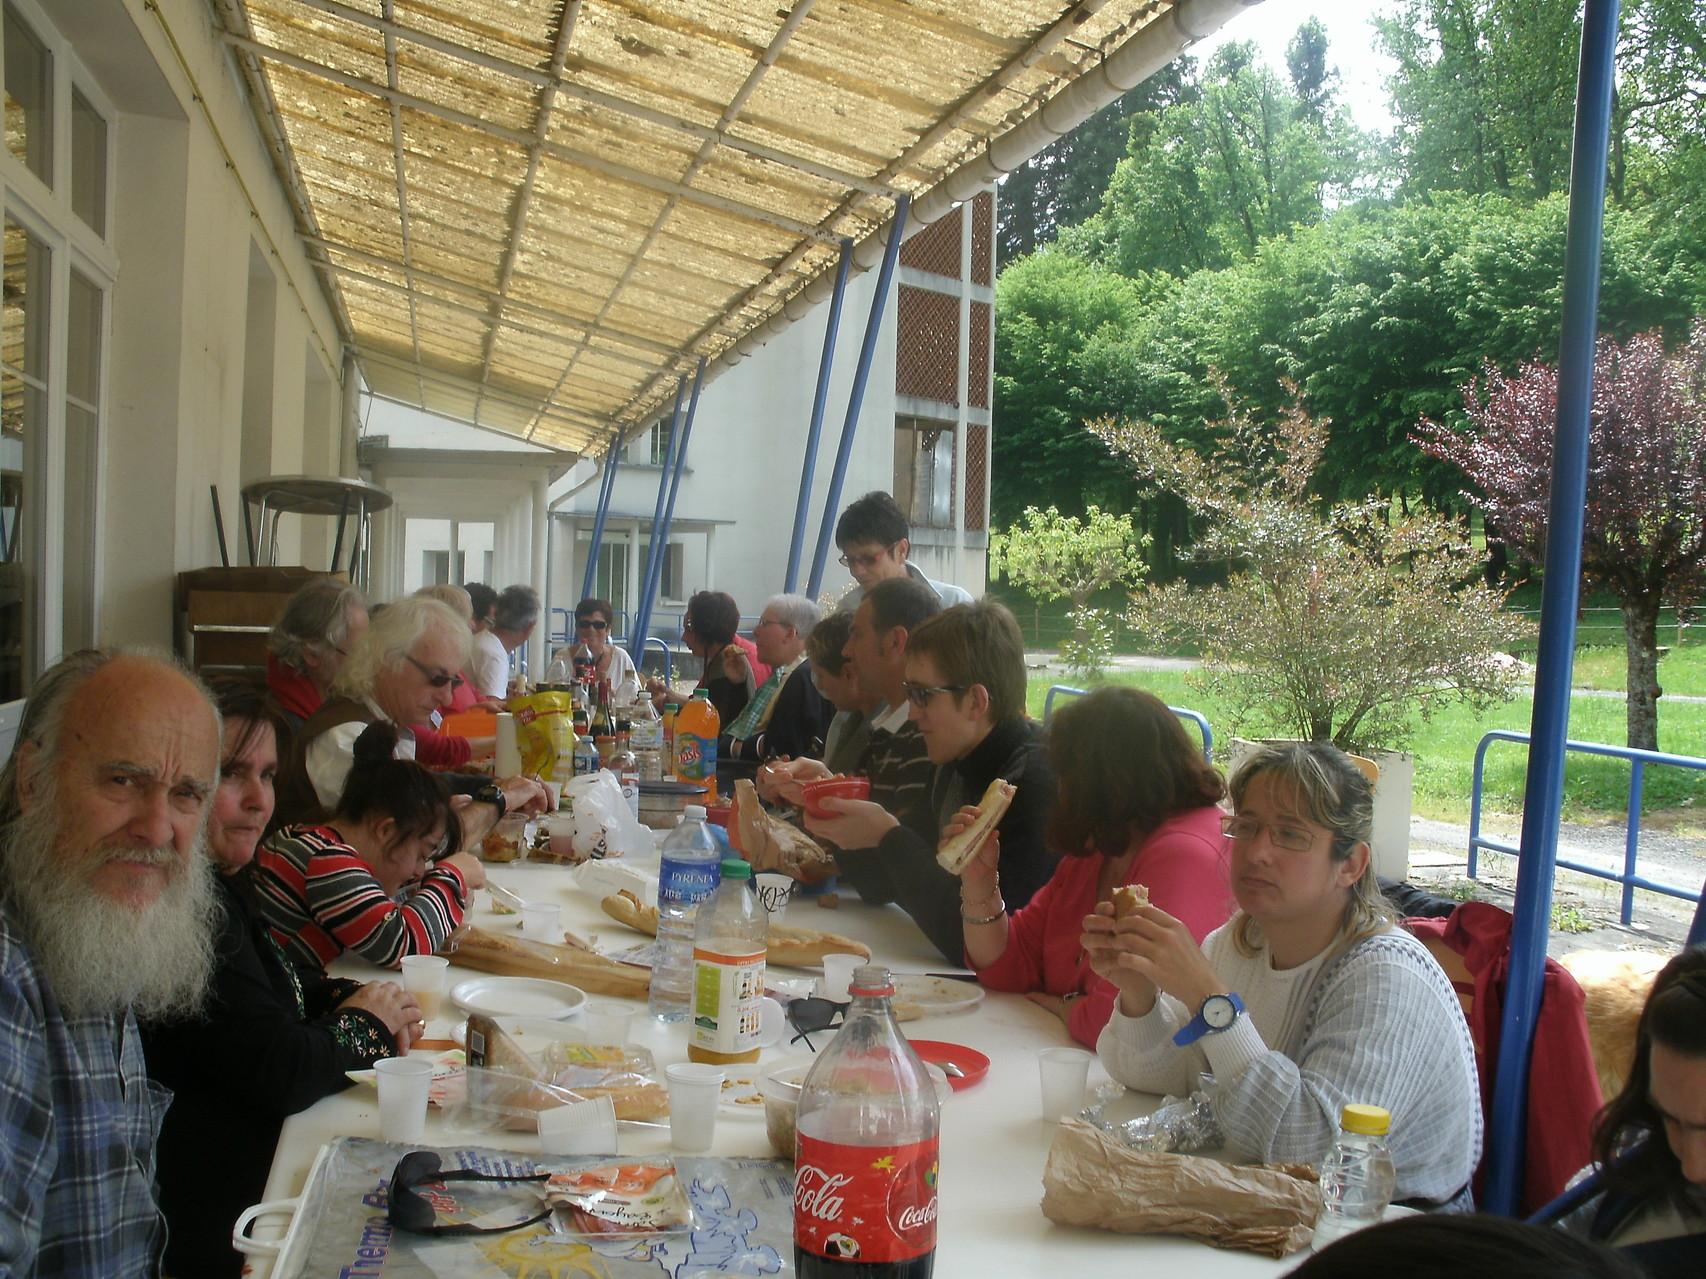 Le 10 Mai 2014,nous voici à la M.A.S. de Siradan vers 12h30,